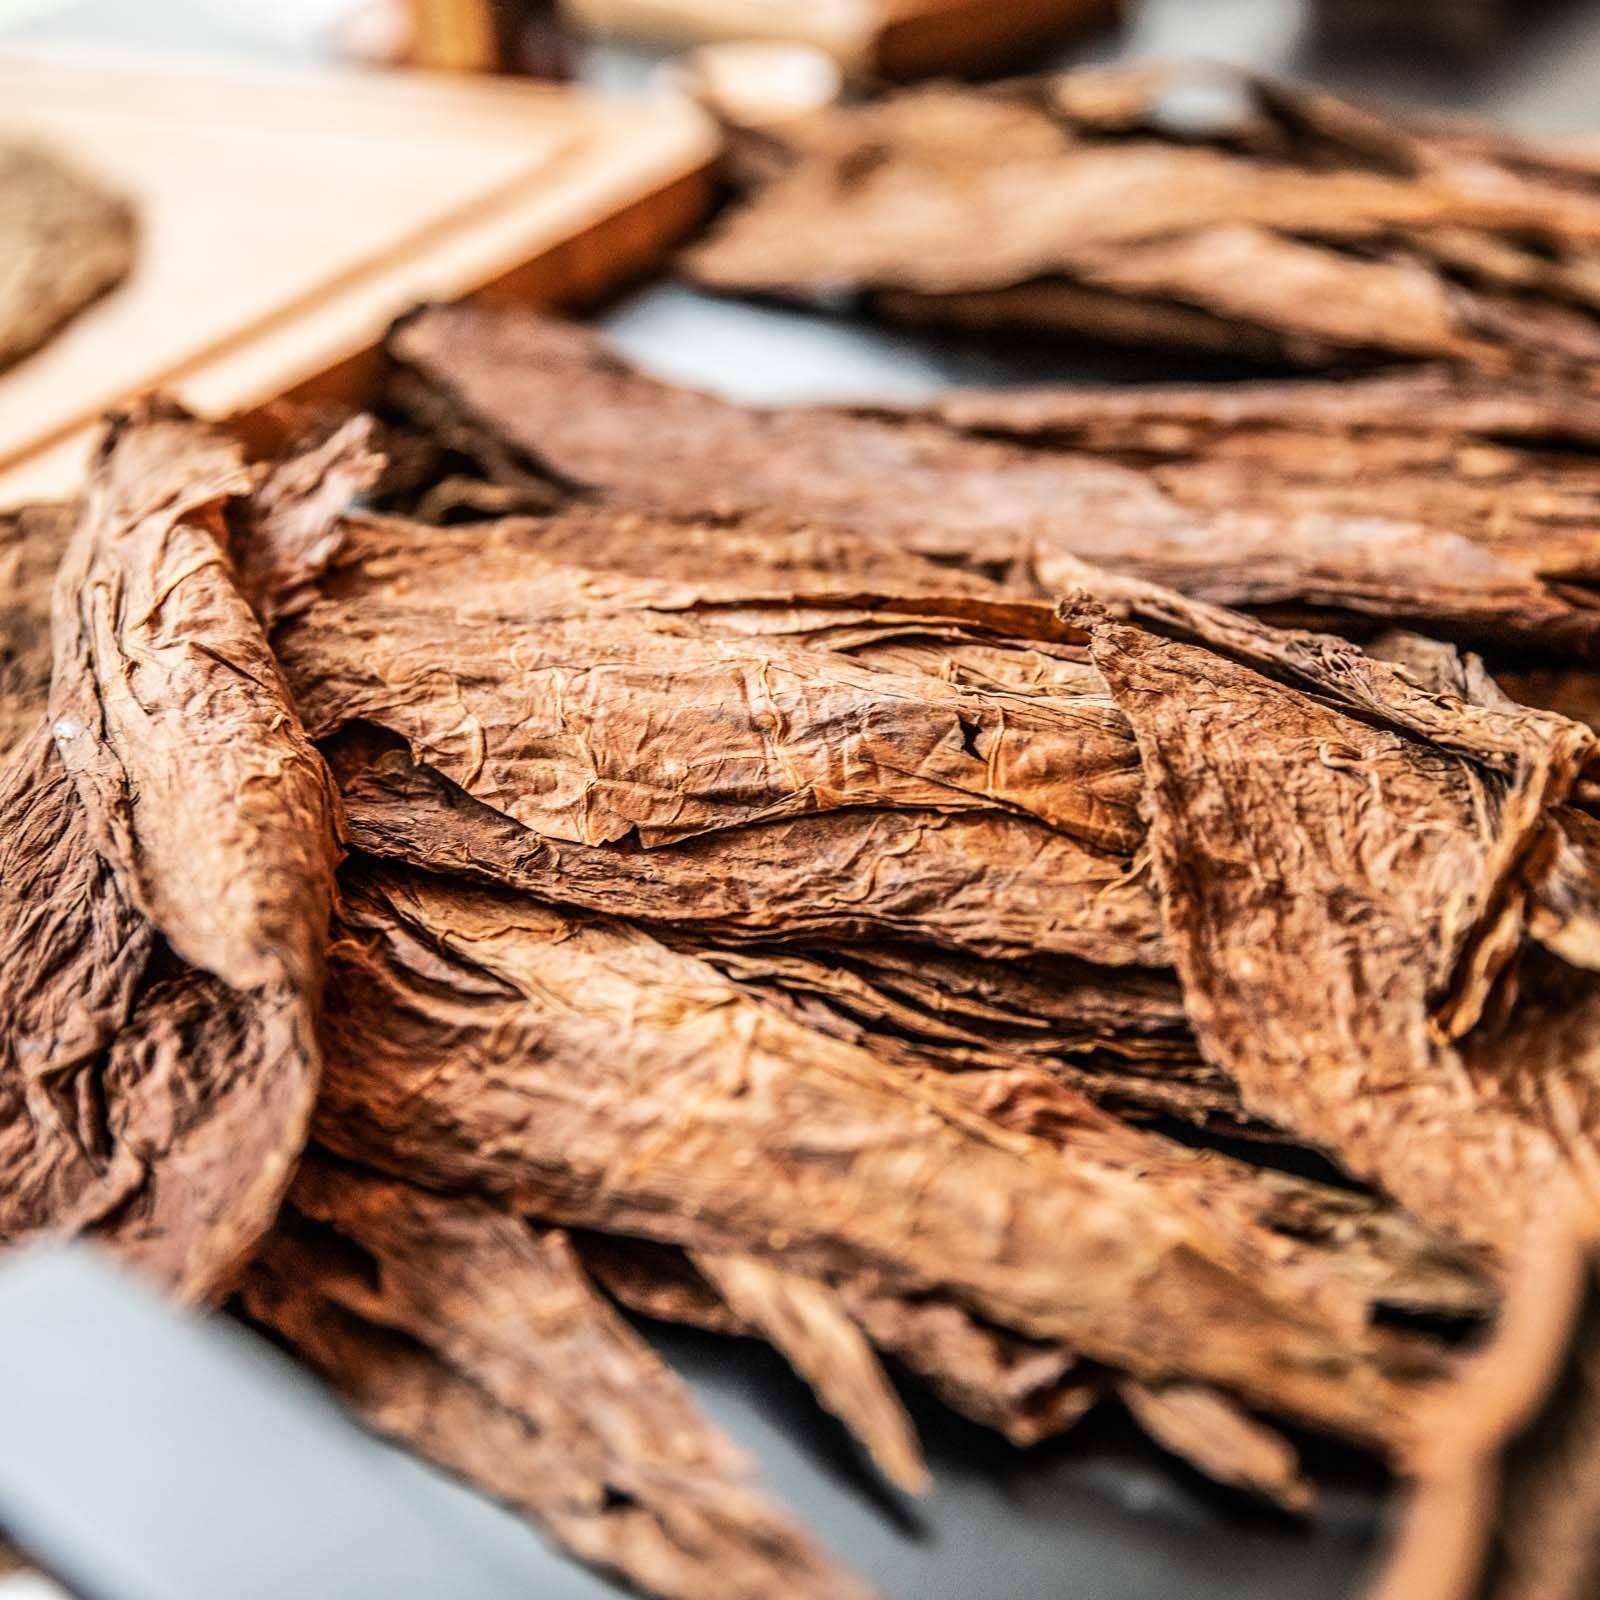 Zigarrendreher | Zigarrenroller | Trocadero | Zigarrenrollerin | Zigarren | Tabak | Zigarren | Banderole | Bauchbinde | drehen | Tabak | Sumatra | Brasilien | Cuba | Indonesien | Tabakpflanzen | Brasilien | Cuba | Brasilien